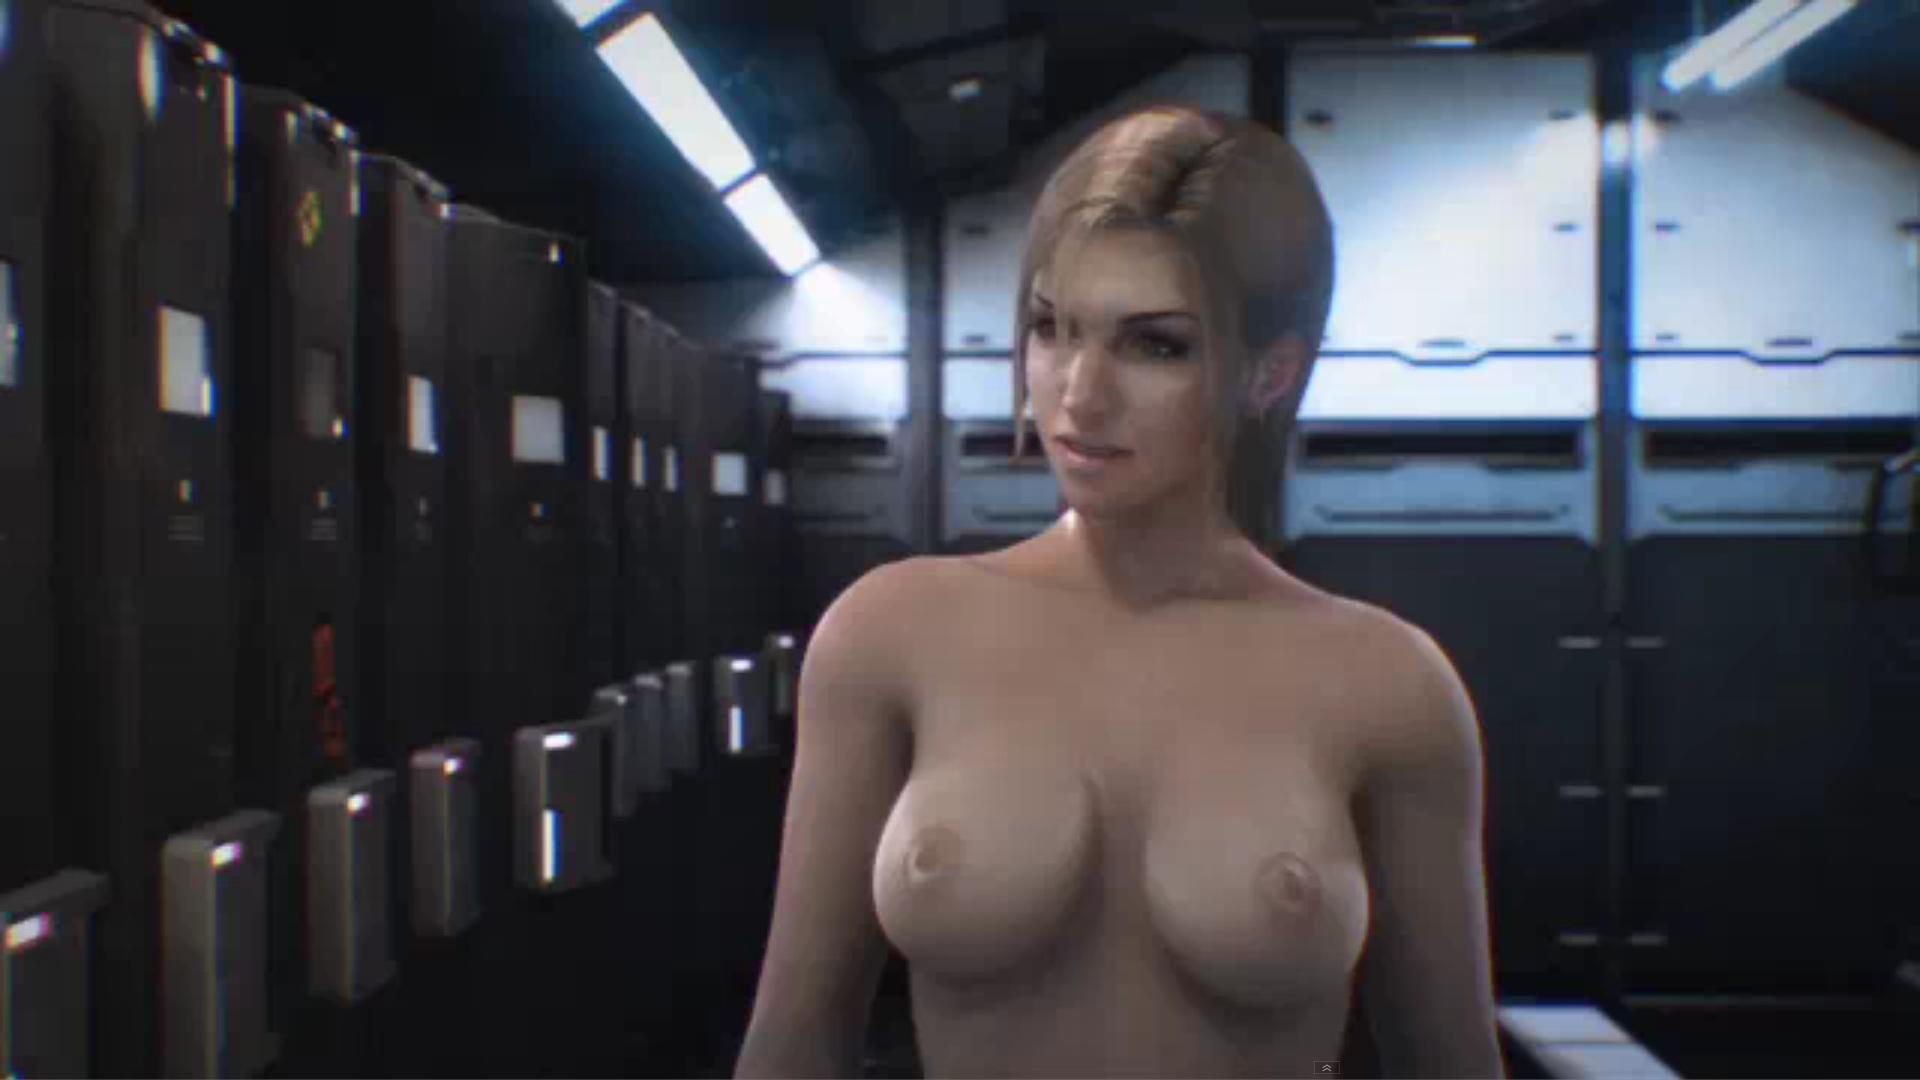 Фи смотреть онлайн бесплатно в хорошем качестве порно 15 фотография